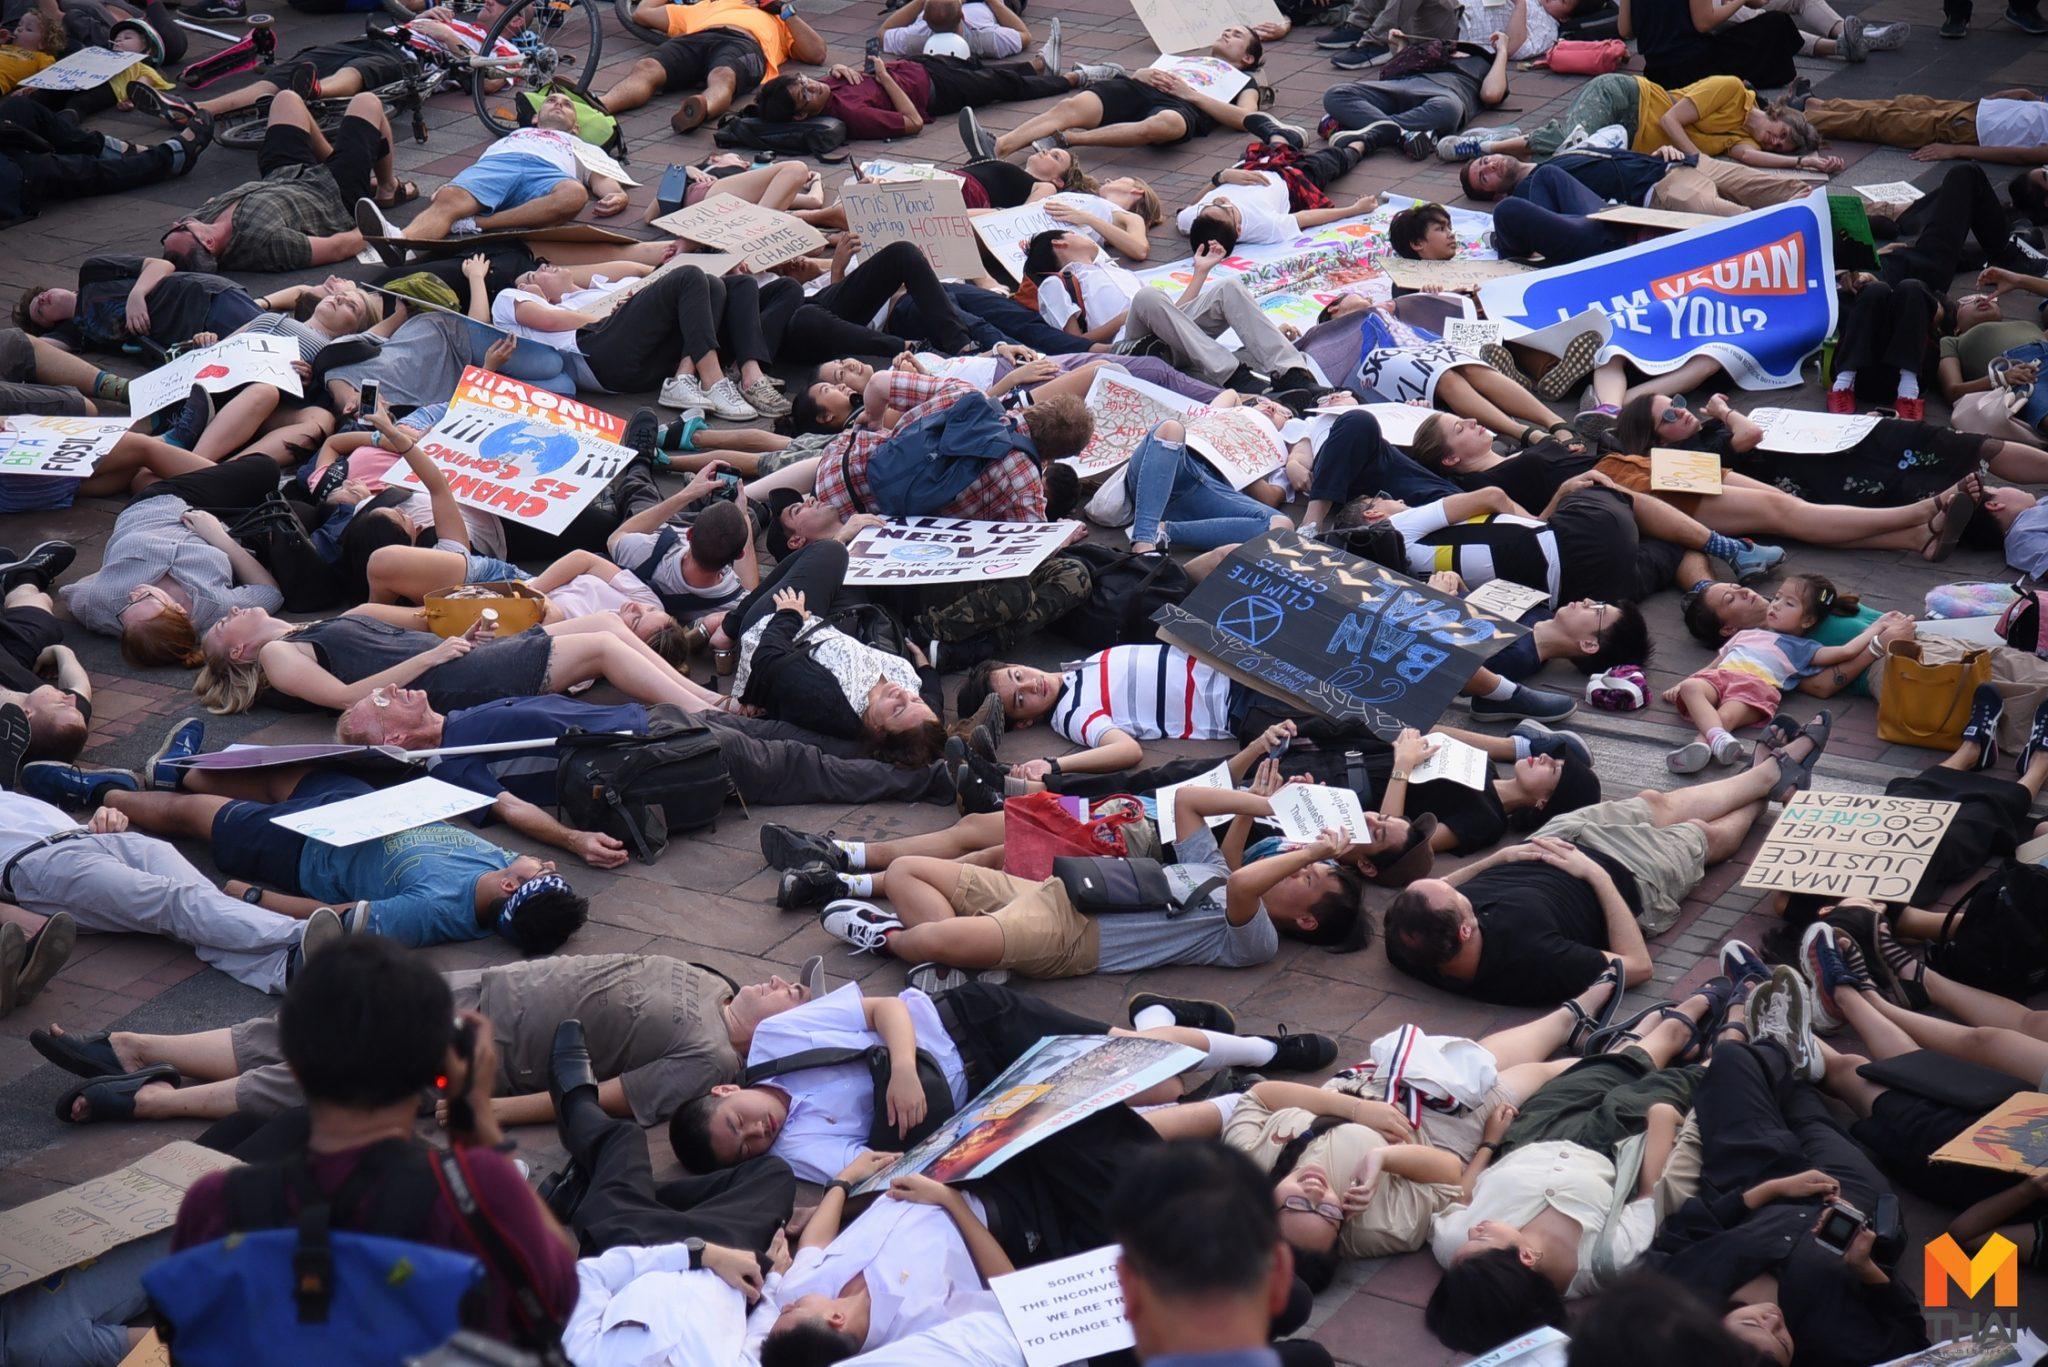 กลุ่มเยาวชน จัดกิจกรรม แกล้งนอนตาย ร้องแก้โลกร้อน